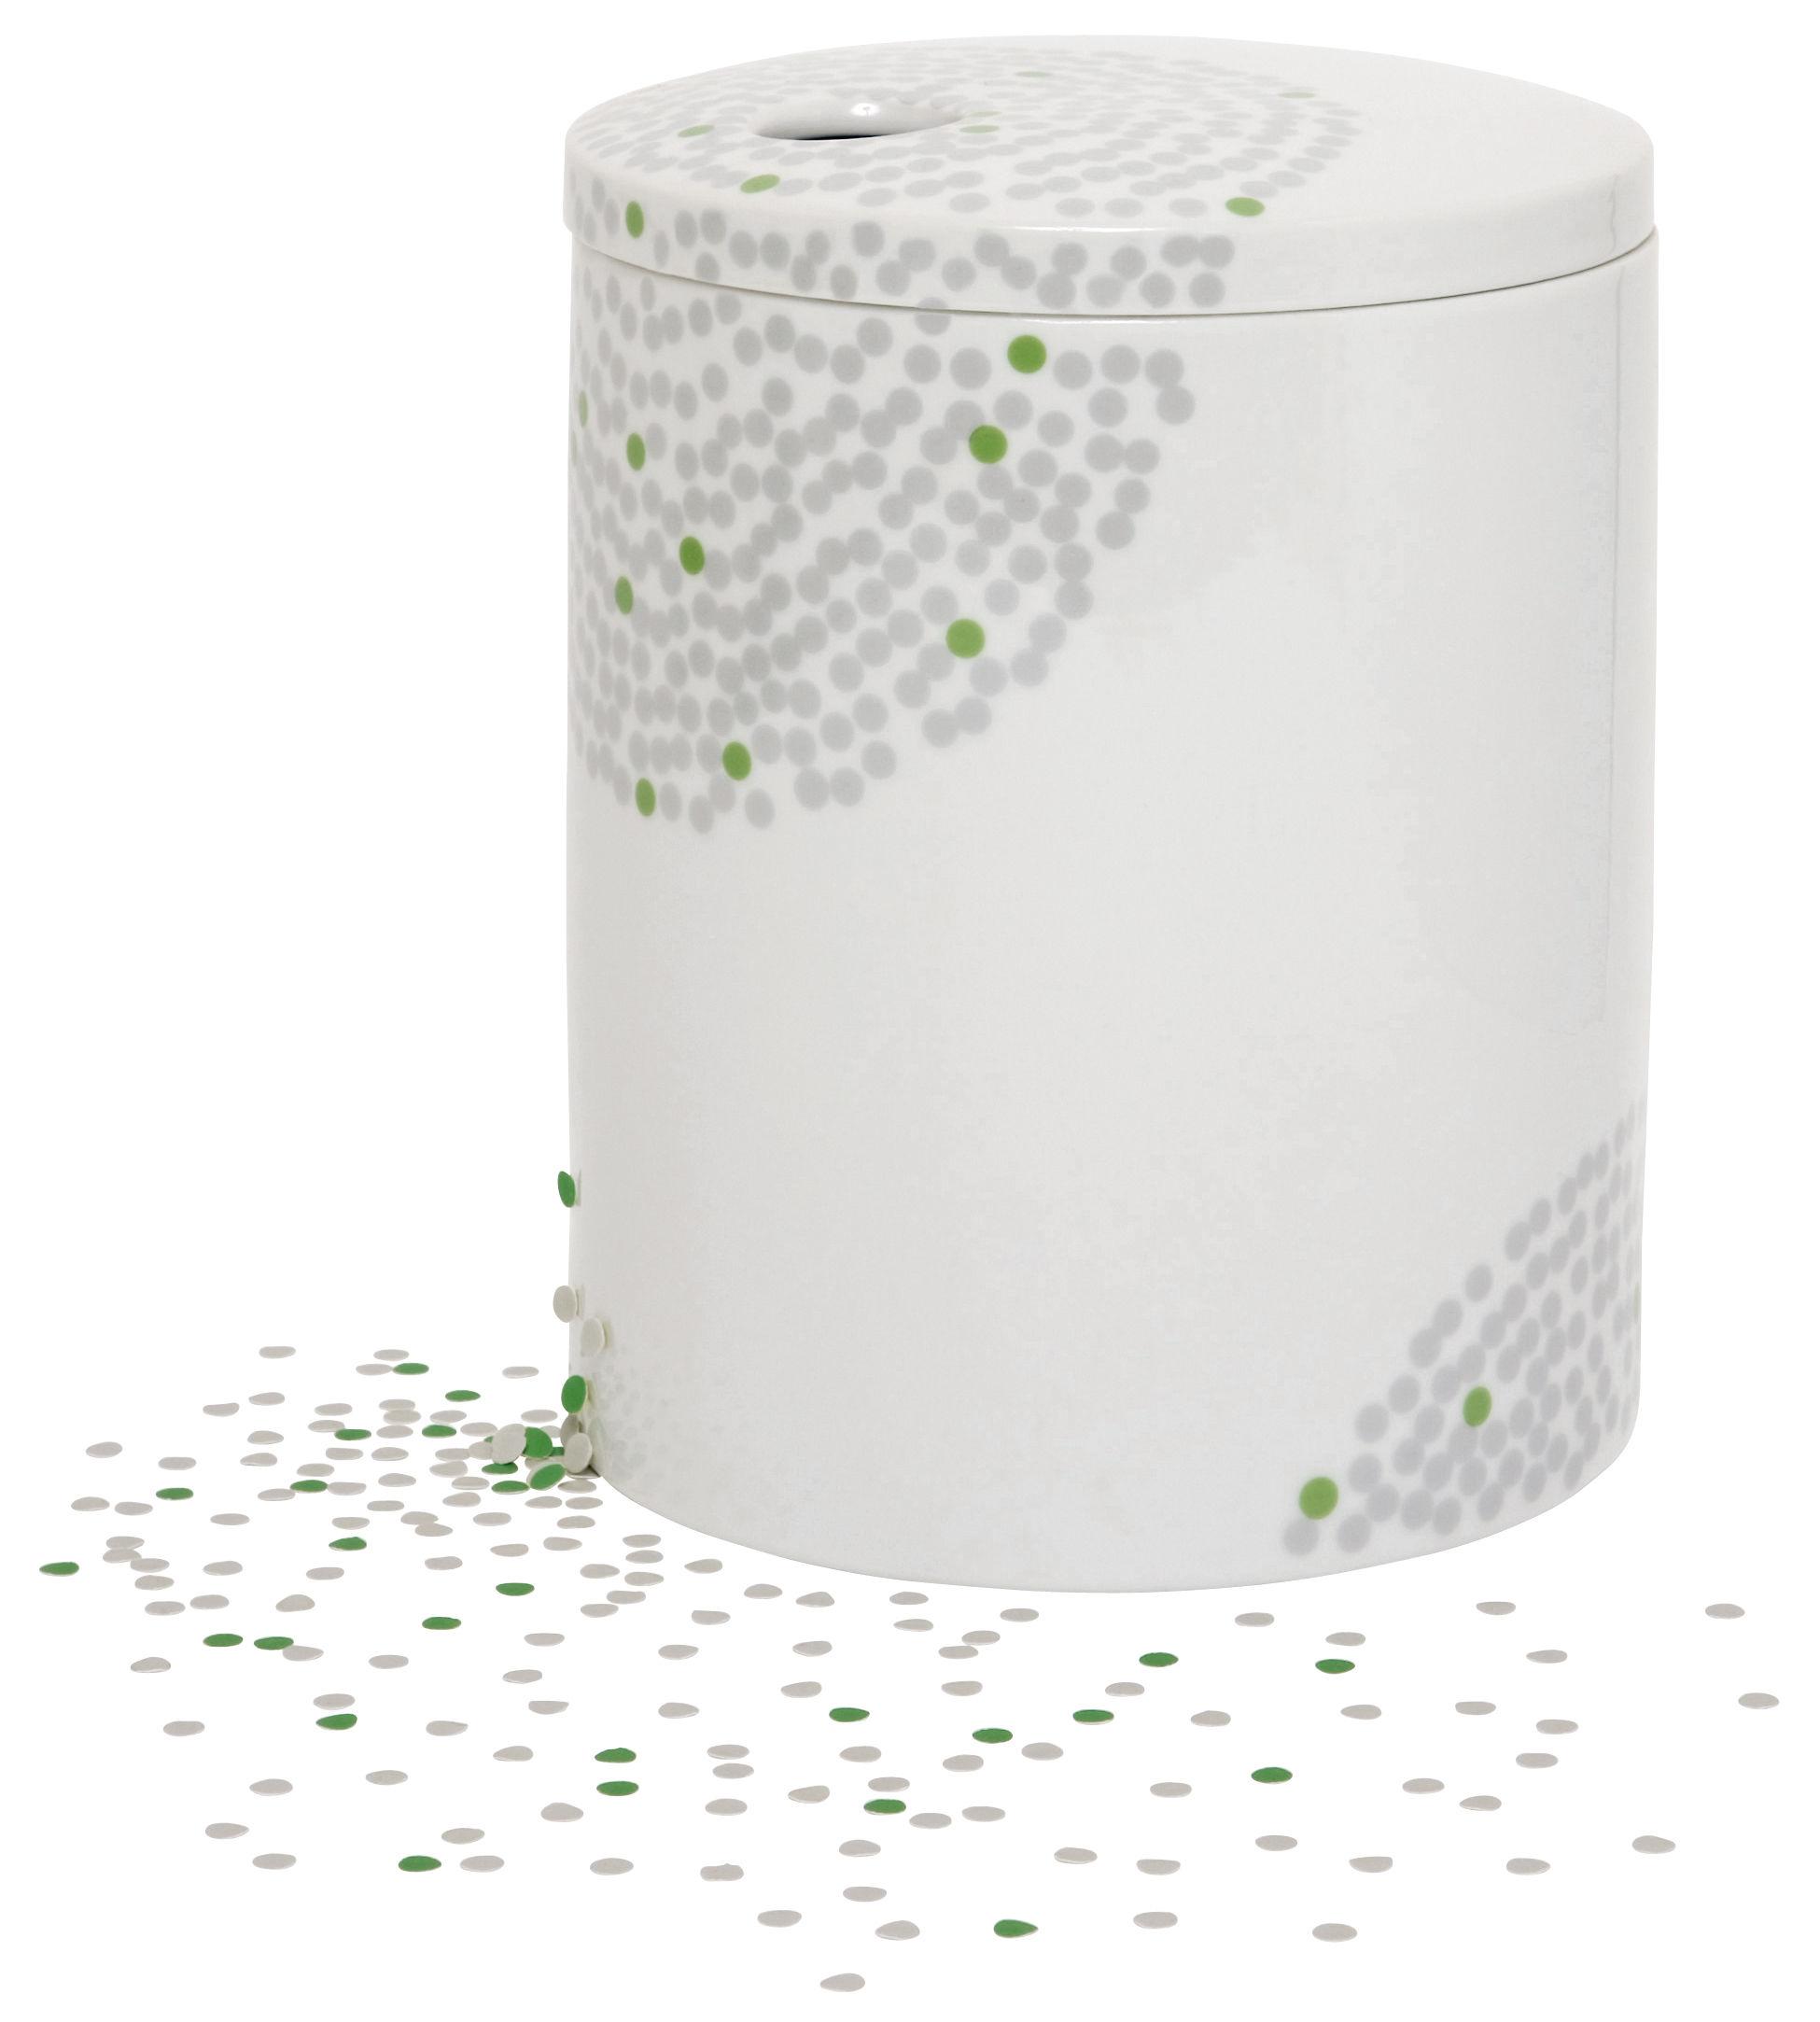 Déco - Vases - Boîte Surface 01 - Petit pois / Soliflore - Domestic - Petits Pois - Porcelaine